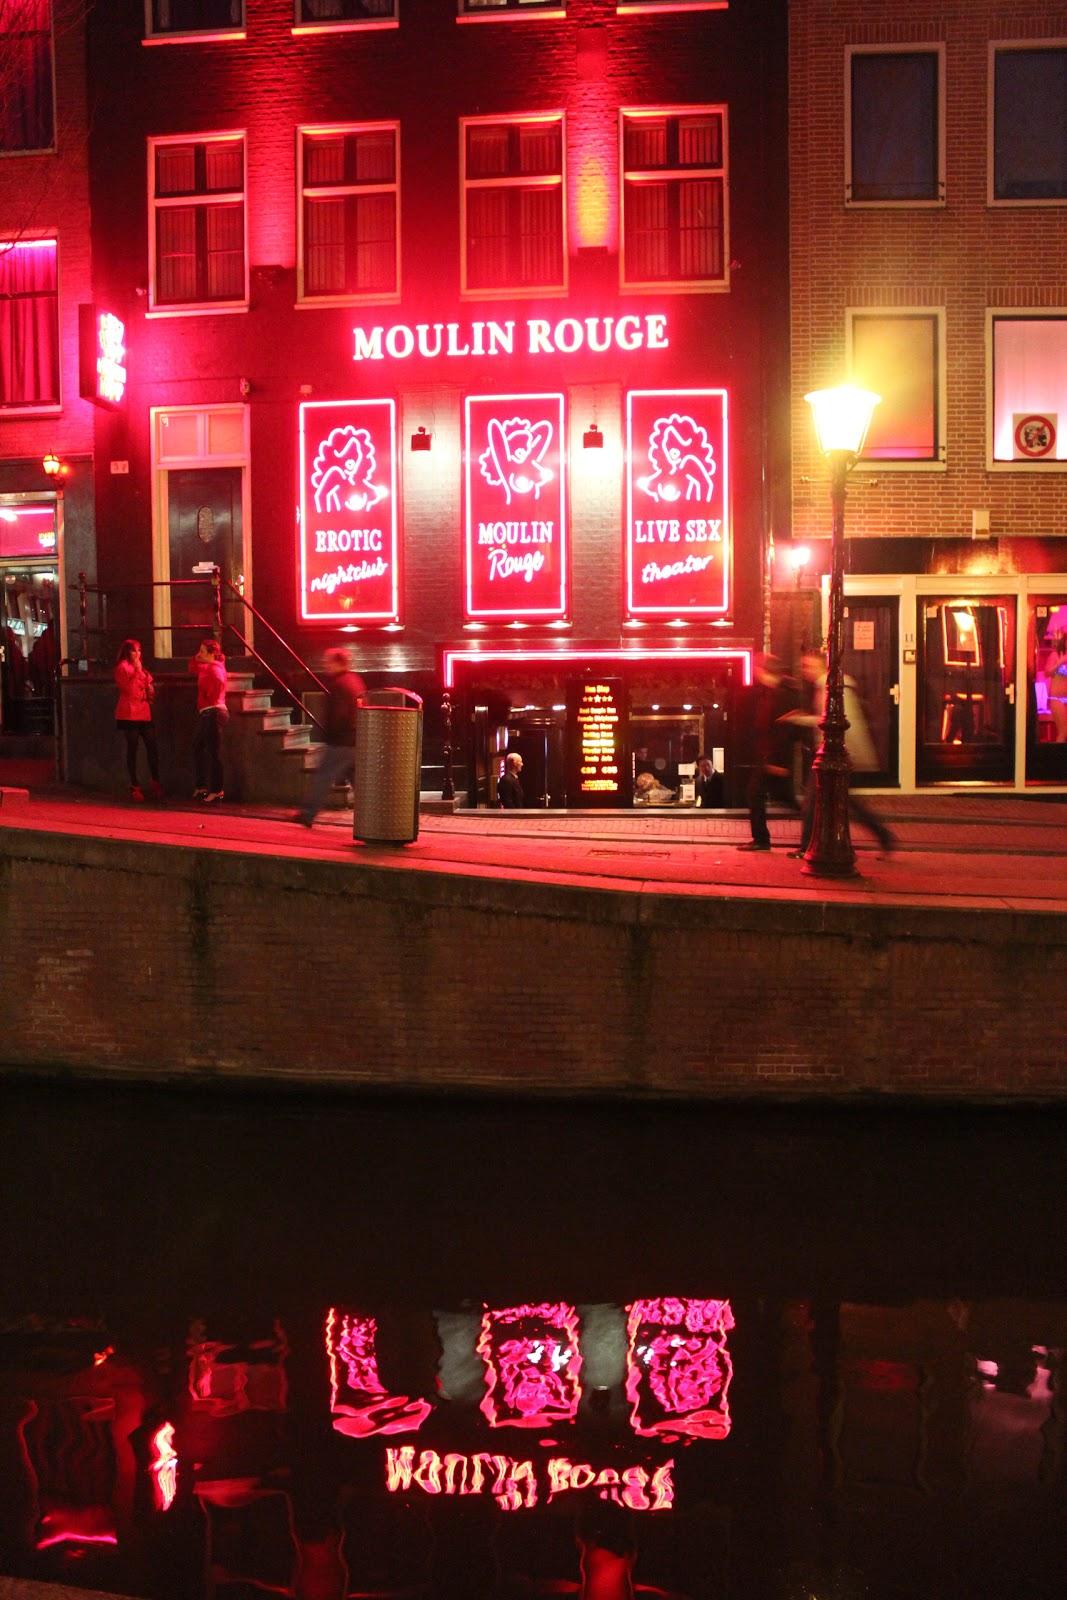 Проституция улицы красных фонарей 26 фотография